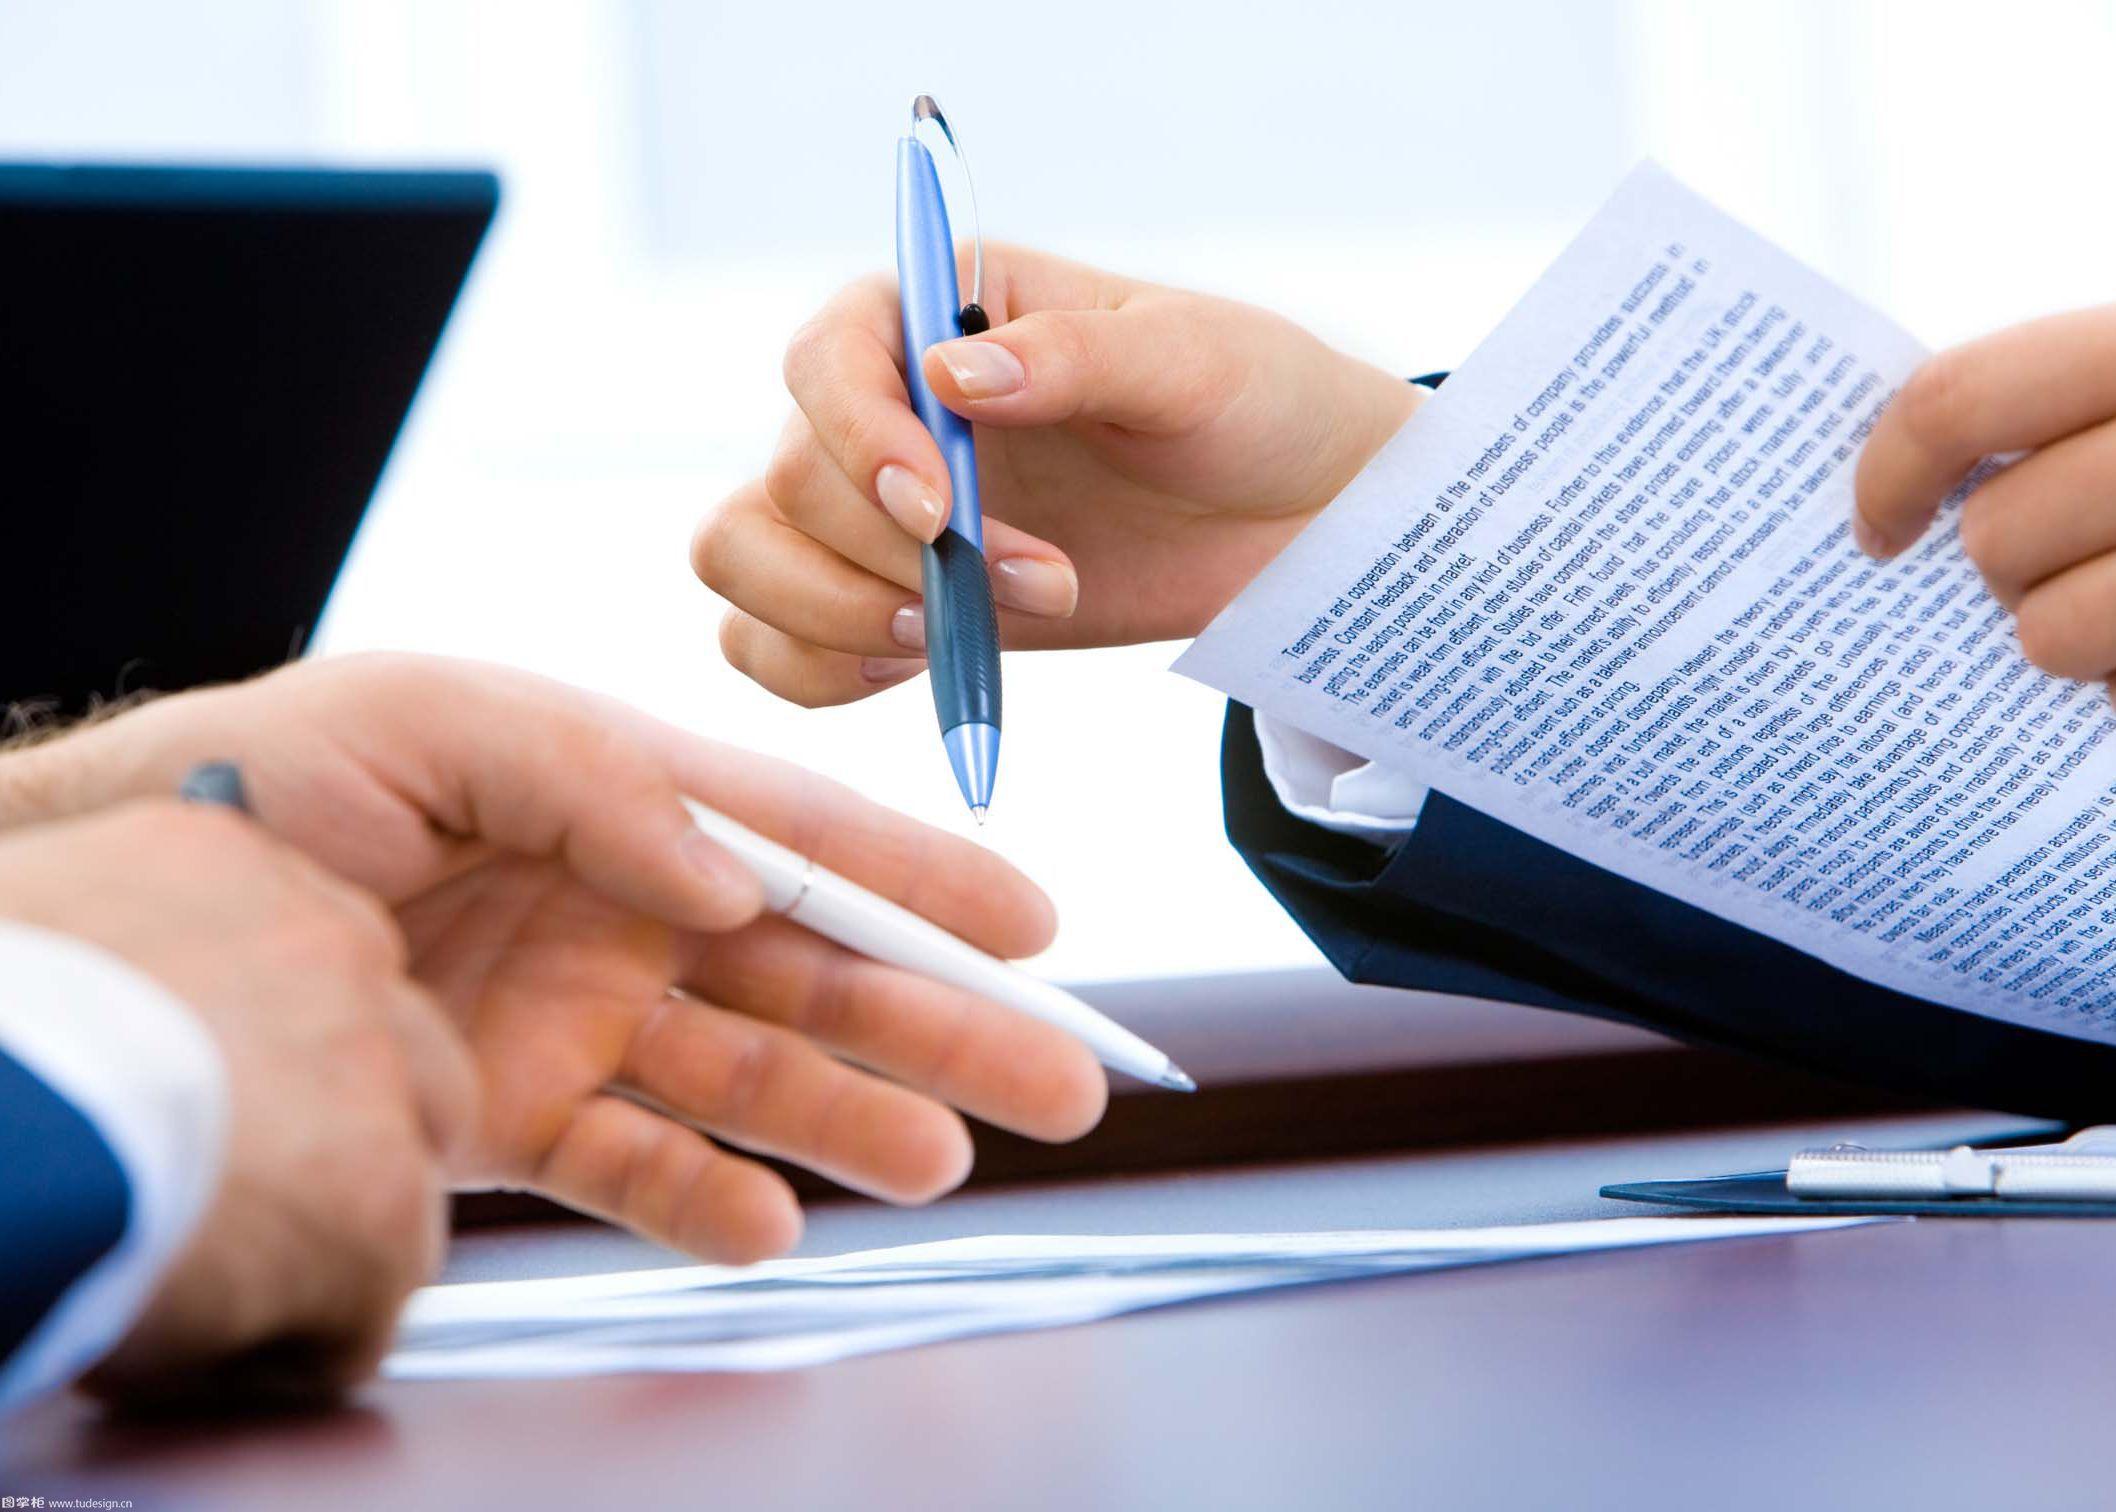 При передаче важных документов лучше всегда оформлять расписку